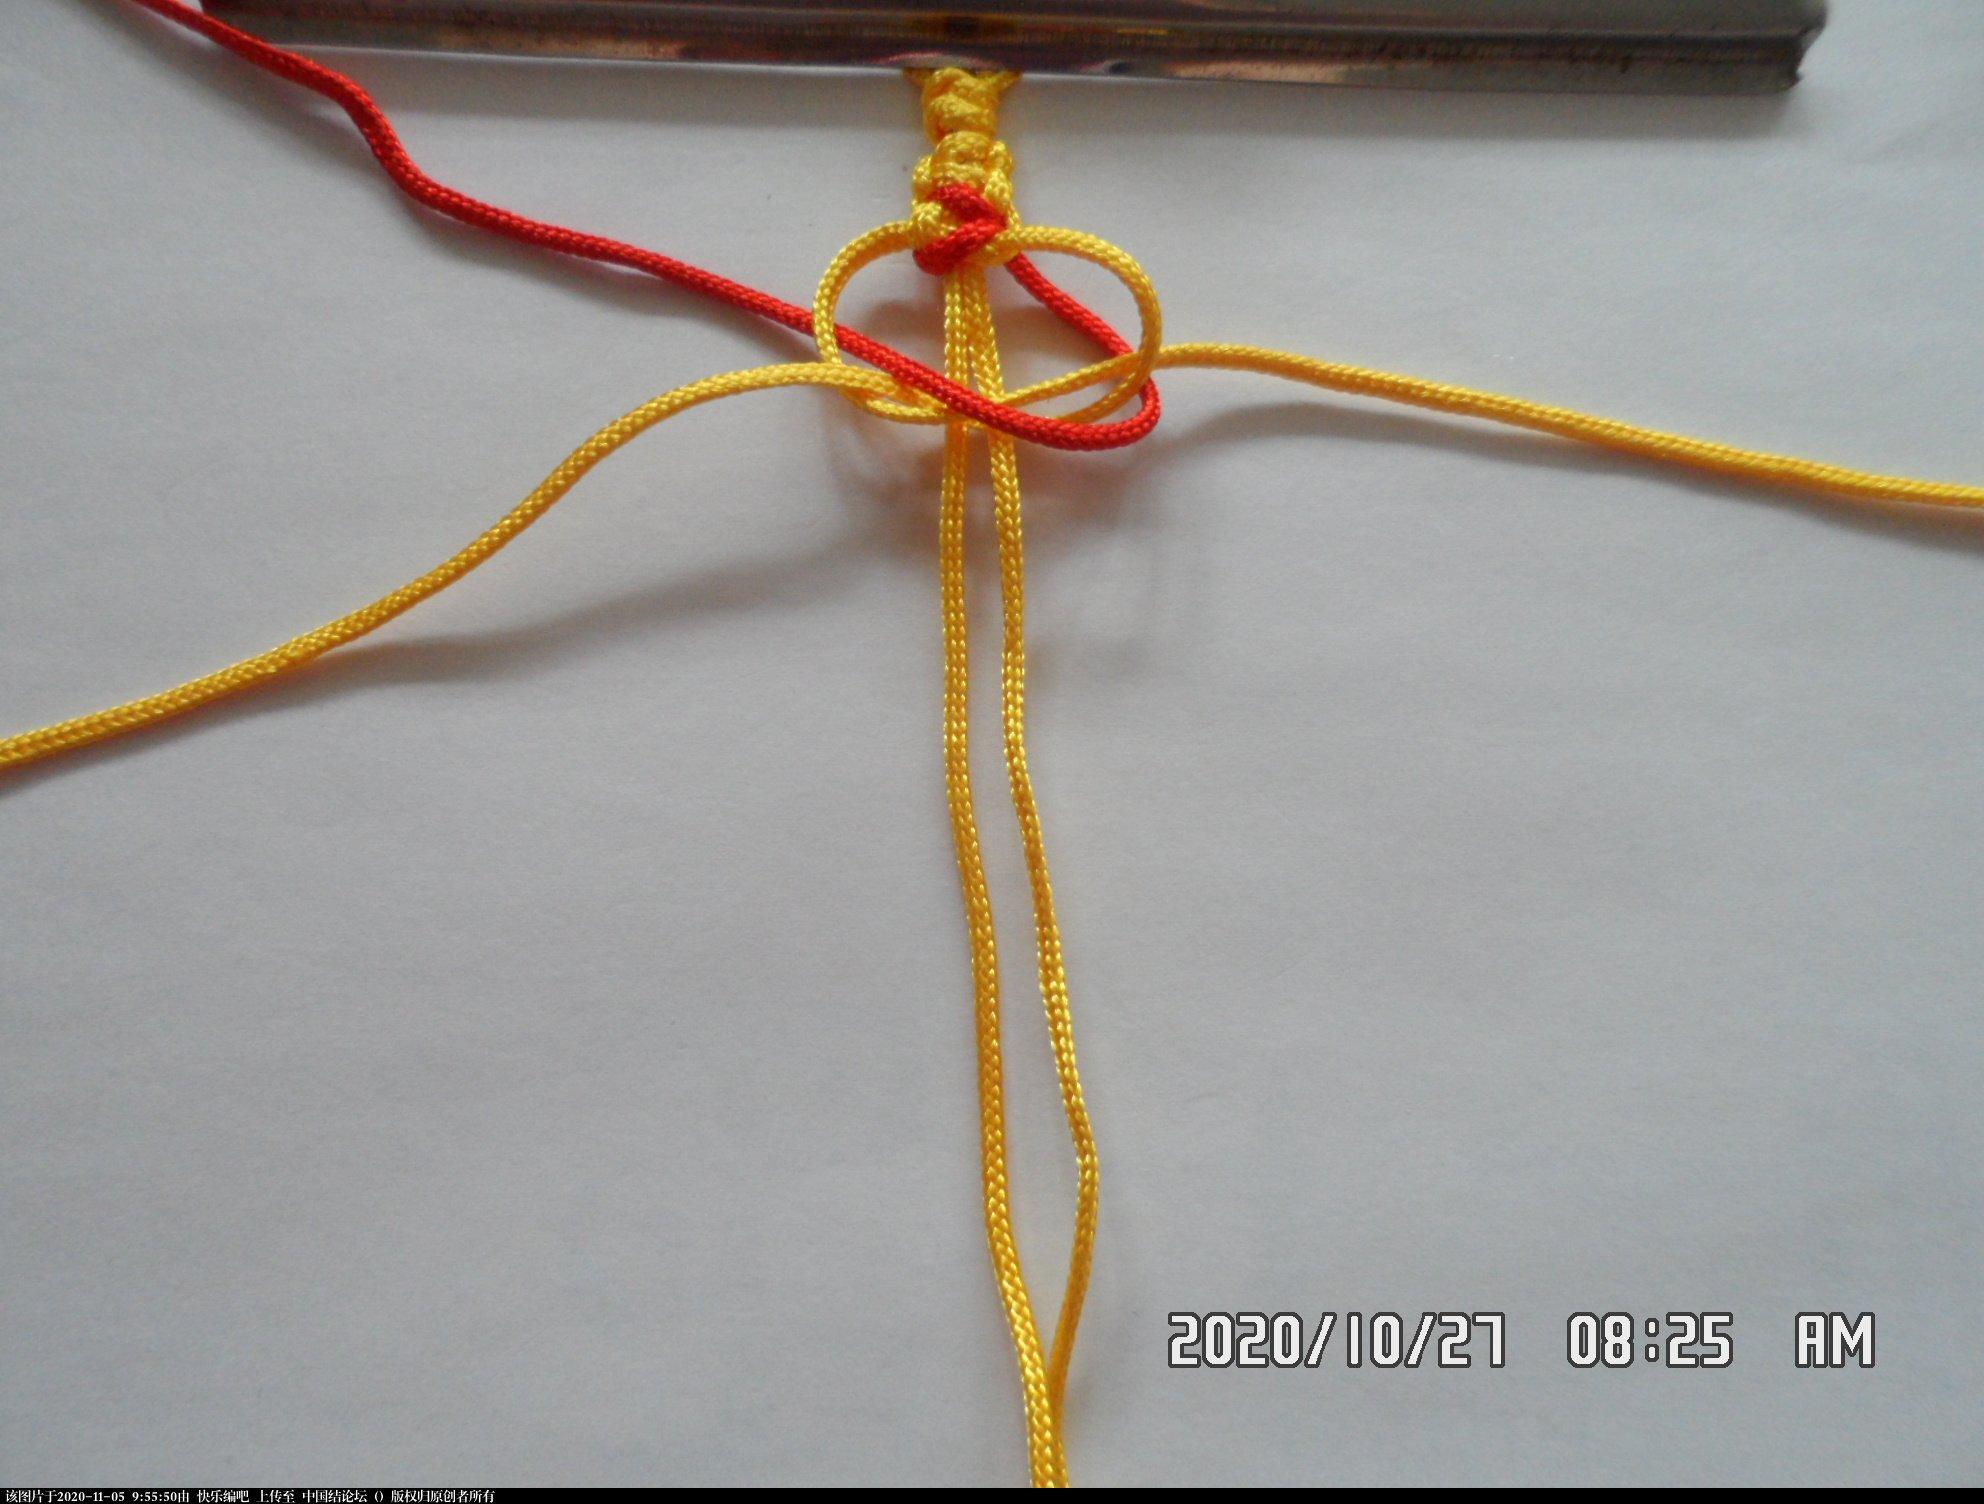 中国结论坛 一款添加装饰线的平结手绳 —— 平结还可以这样编(4) 平结,平结的链,手链,中国结入门基础教程 图文教程区 091806weeeloyjol5pia8r